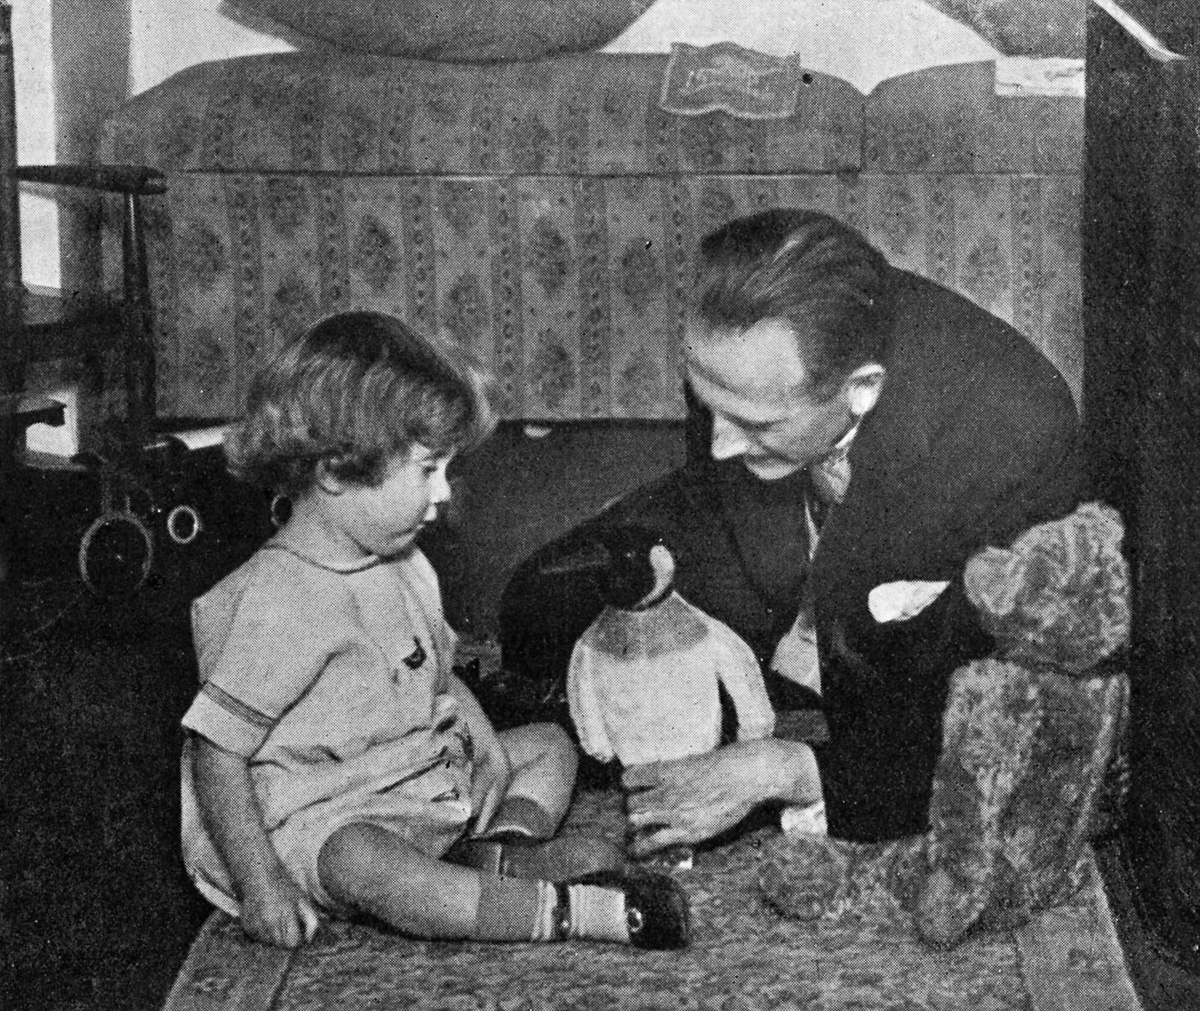 Ալեքսանդր Միլնը և Քրիստոֆեր Ռոբինի Վինի Թուխի հետ